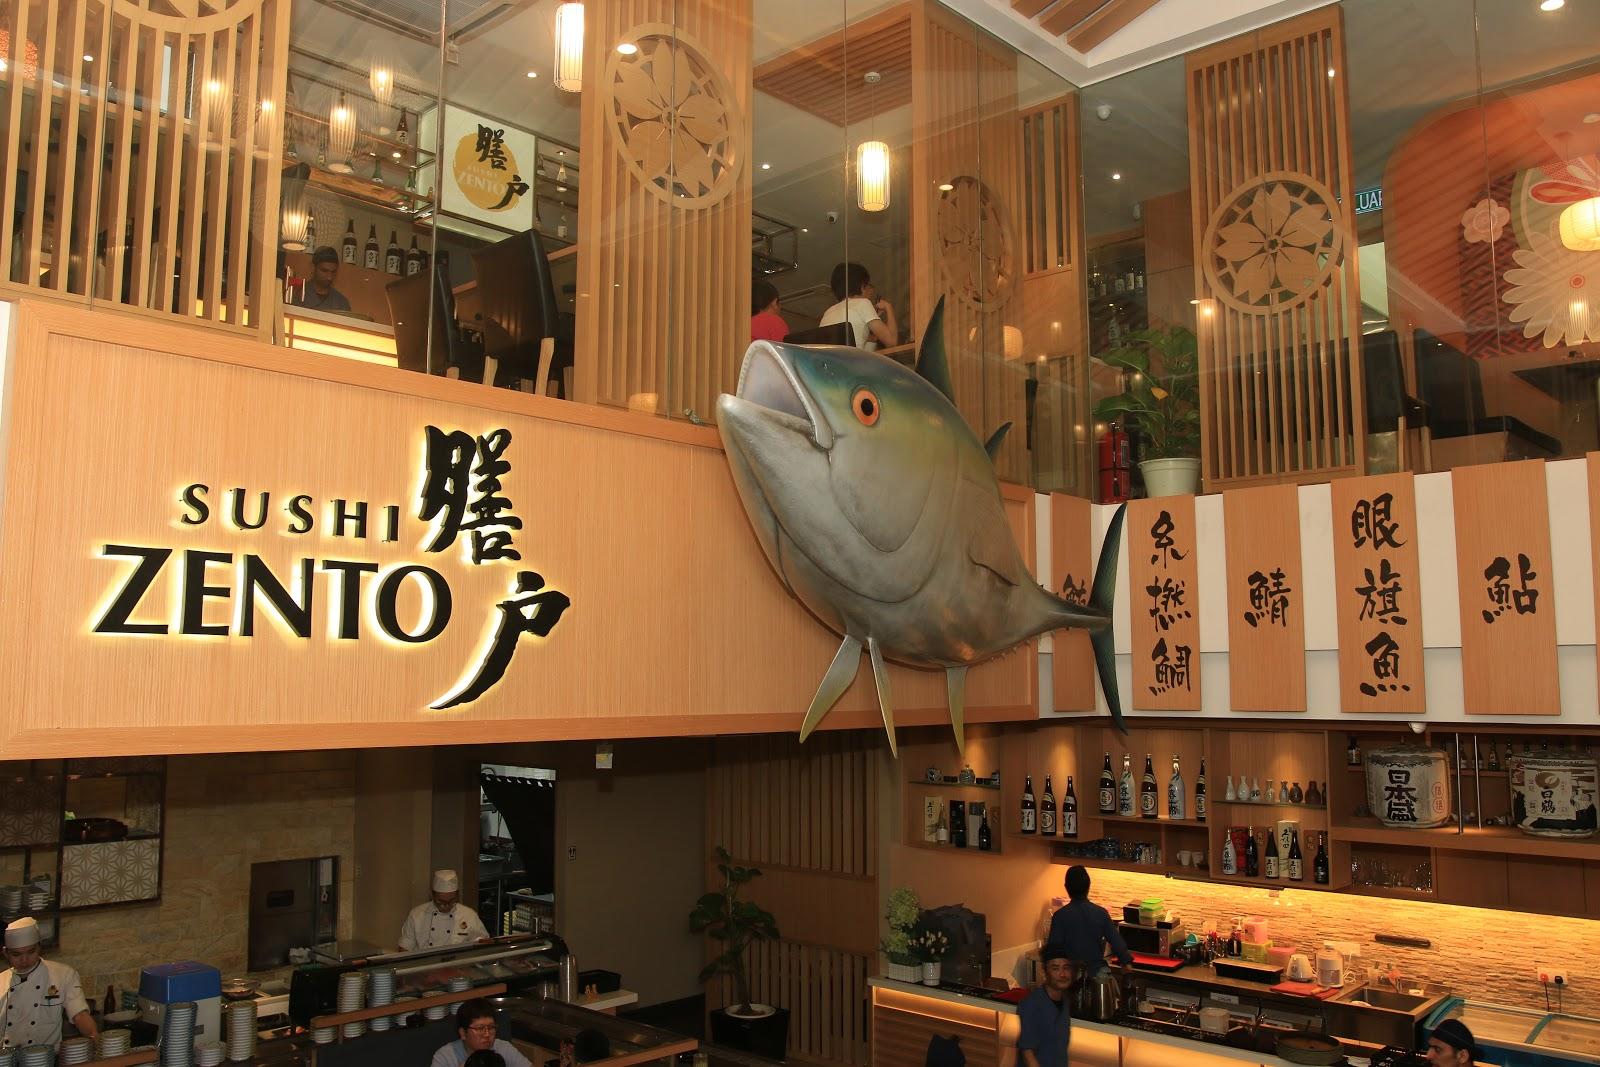 7ca43fbef7da Sushi Zento